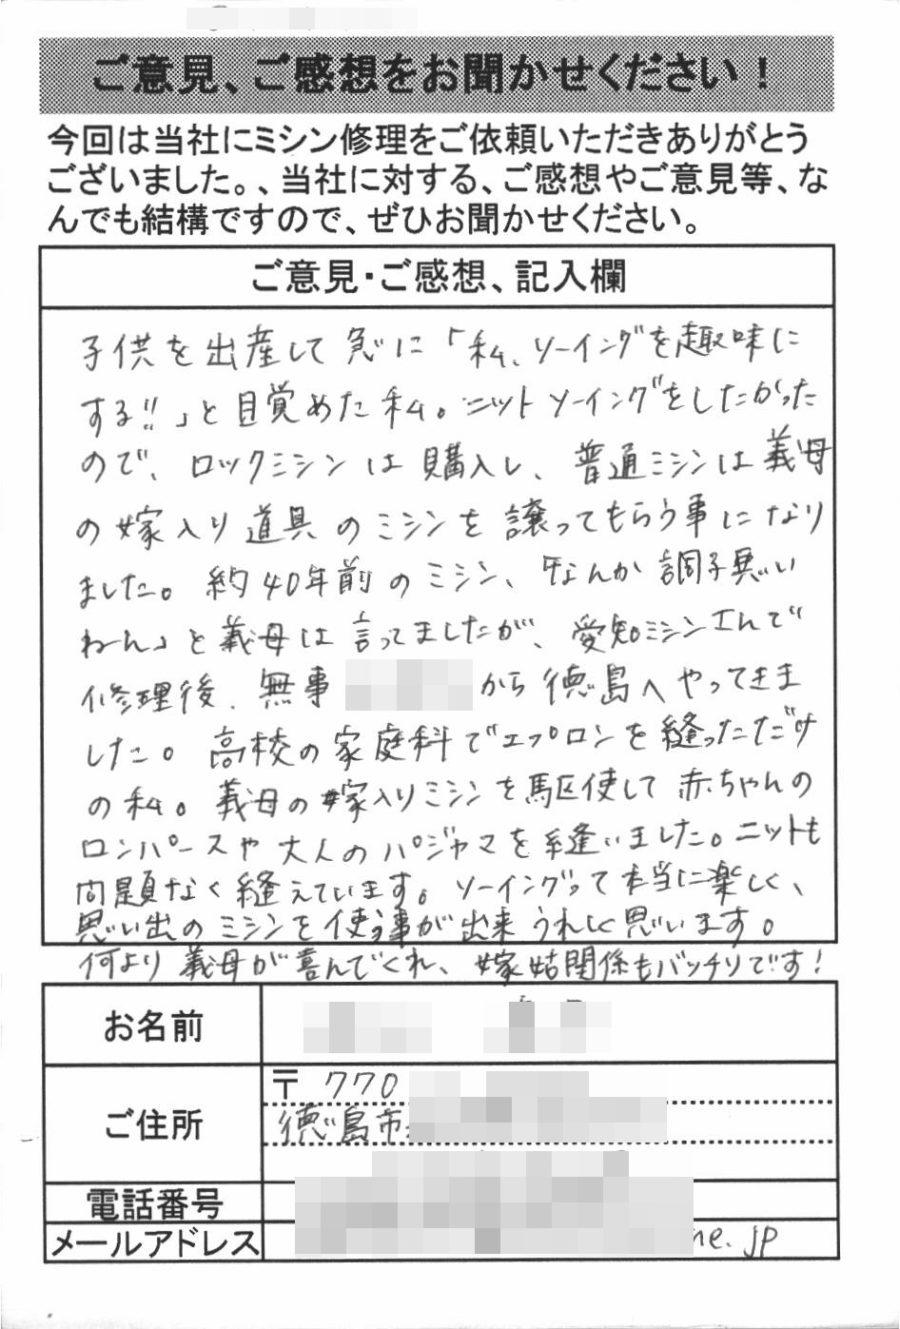 徳島市からミシン修理のお客様の声